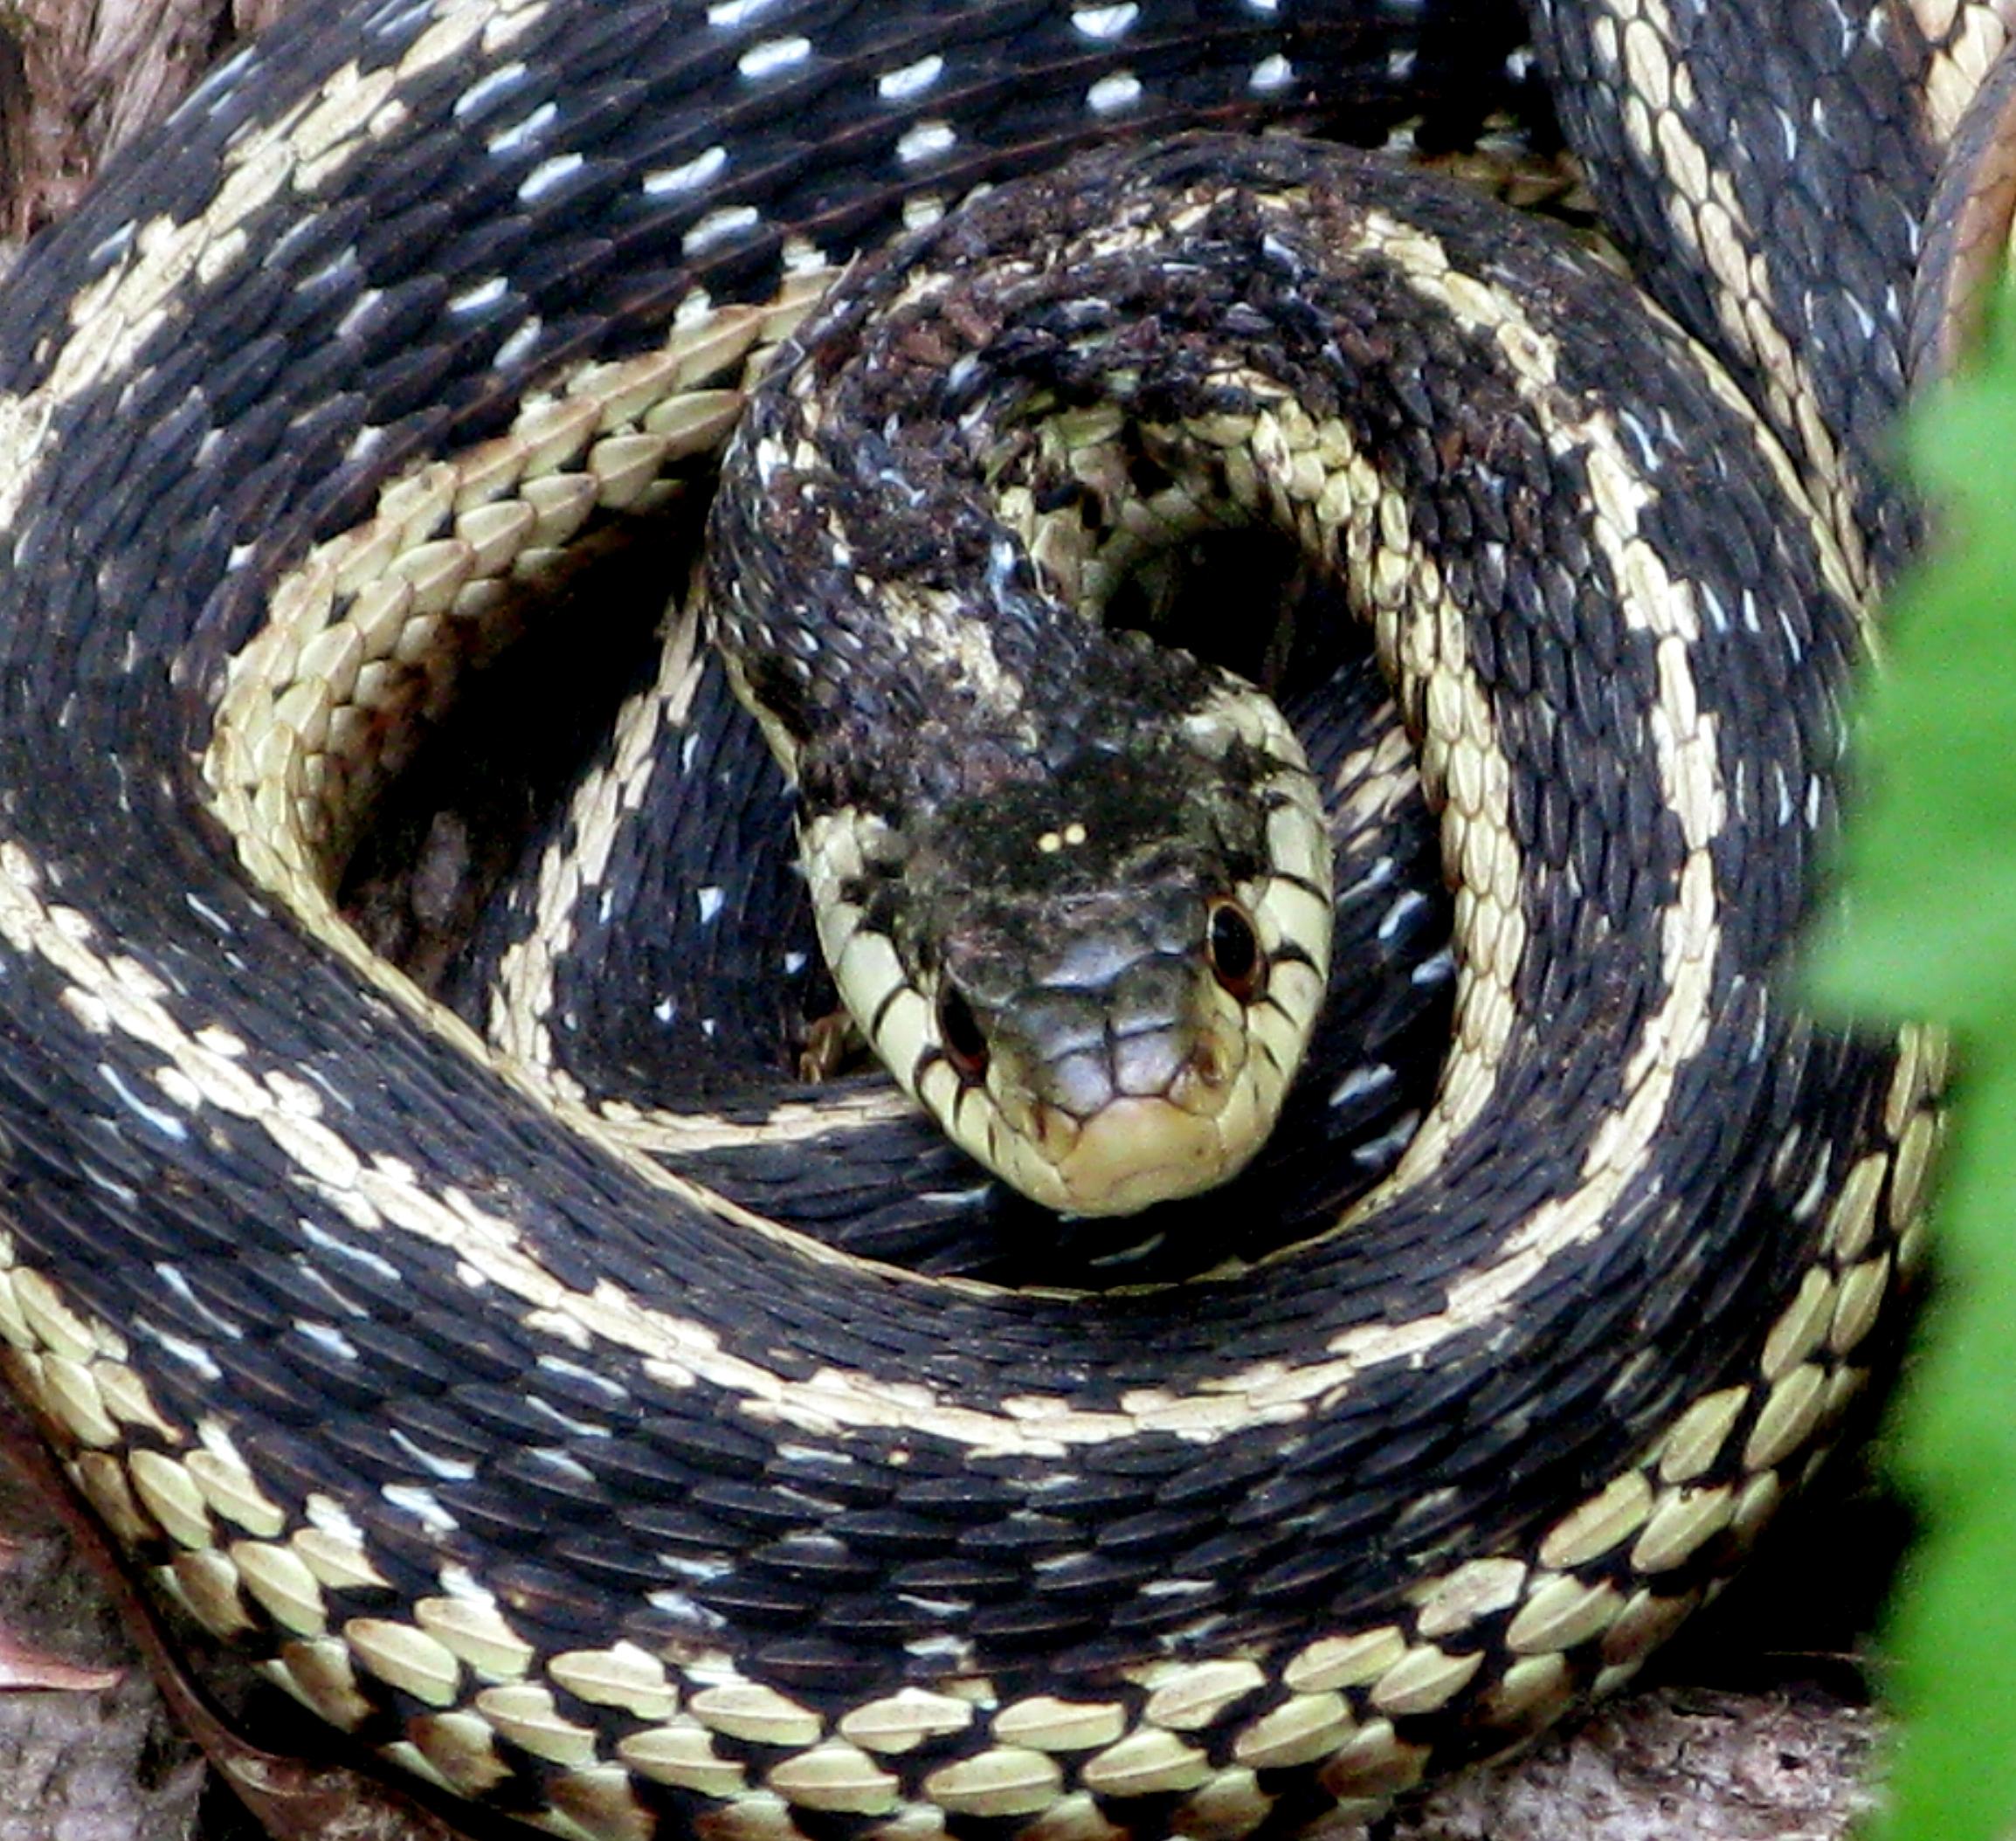 coiled garter snake